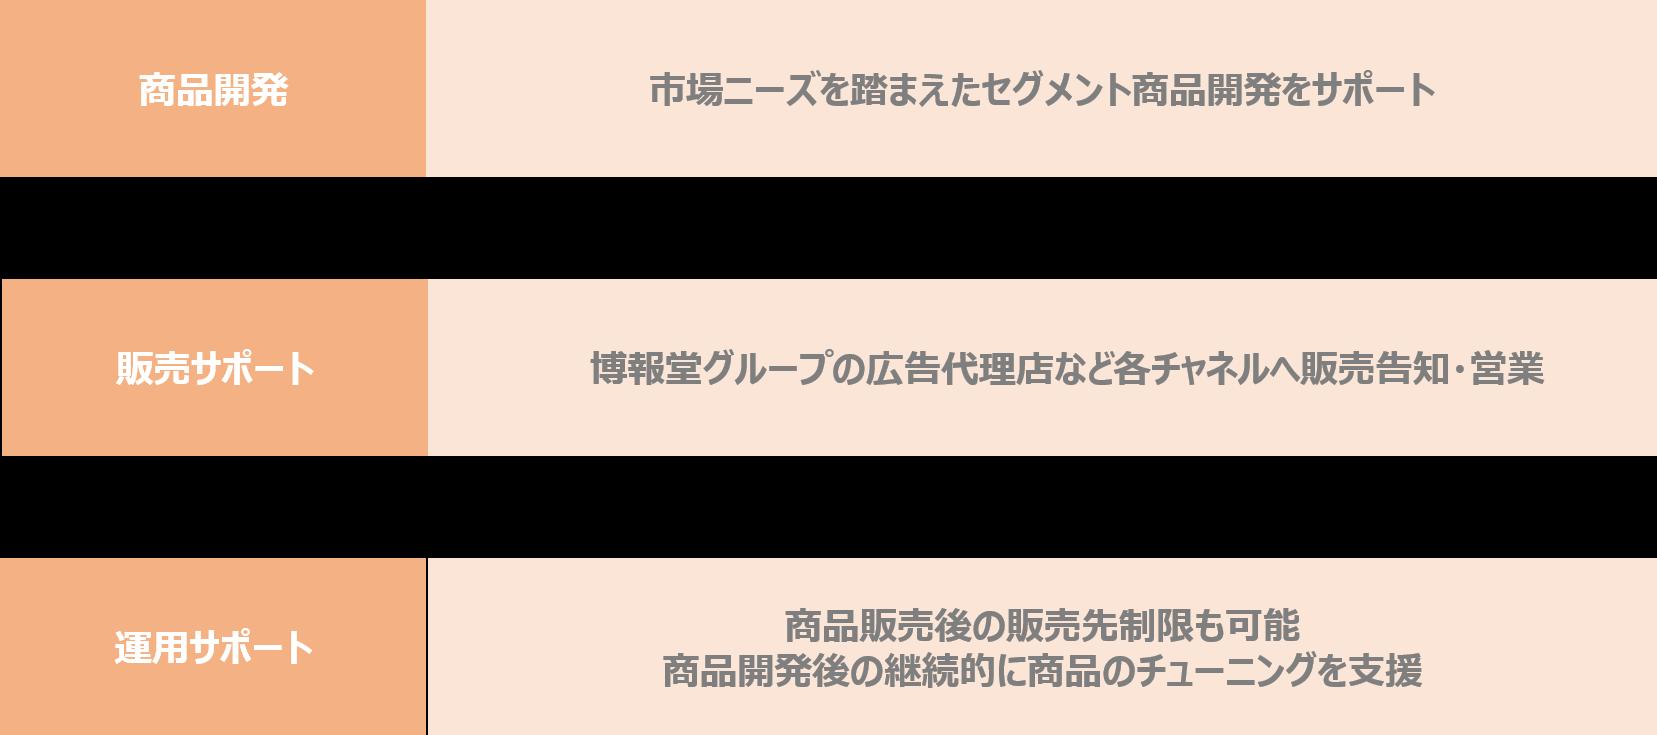 データアライアンス_挿絵_3